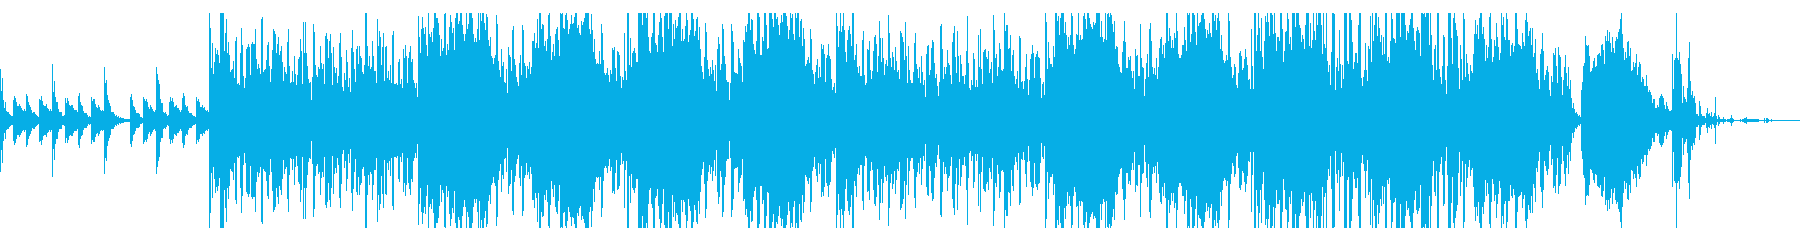 サスペンシブなトリップテクスチャの再生済みの波形